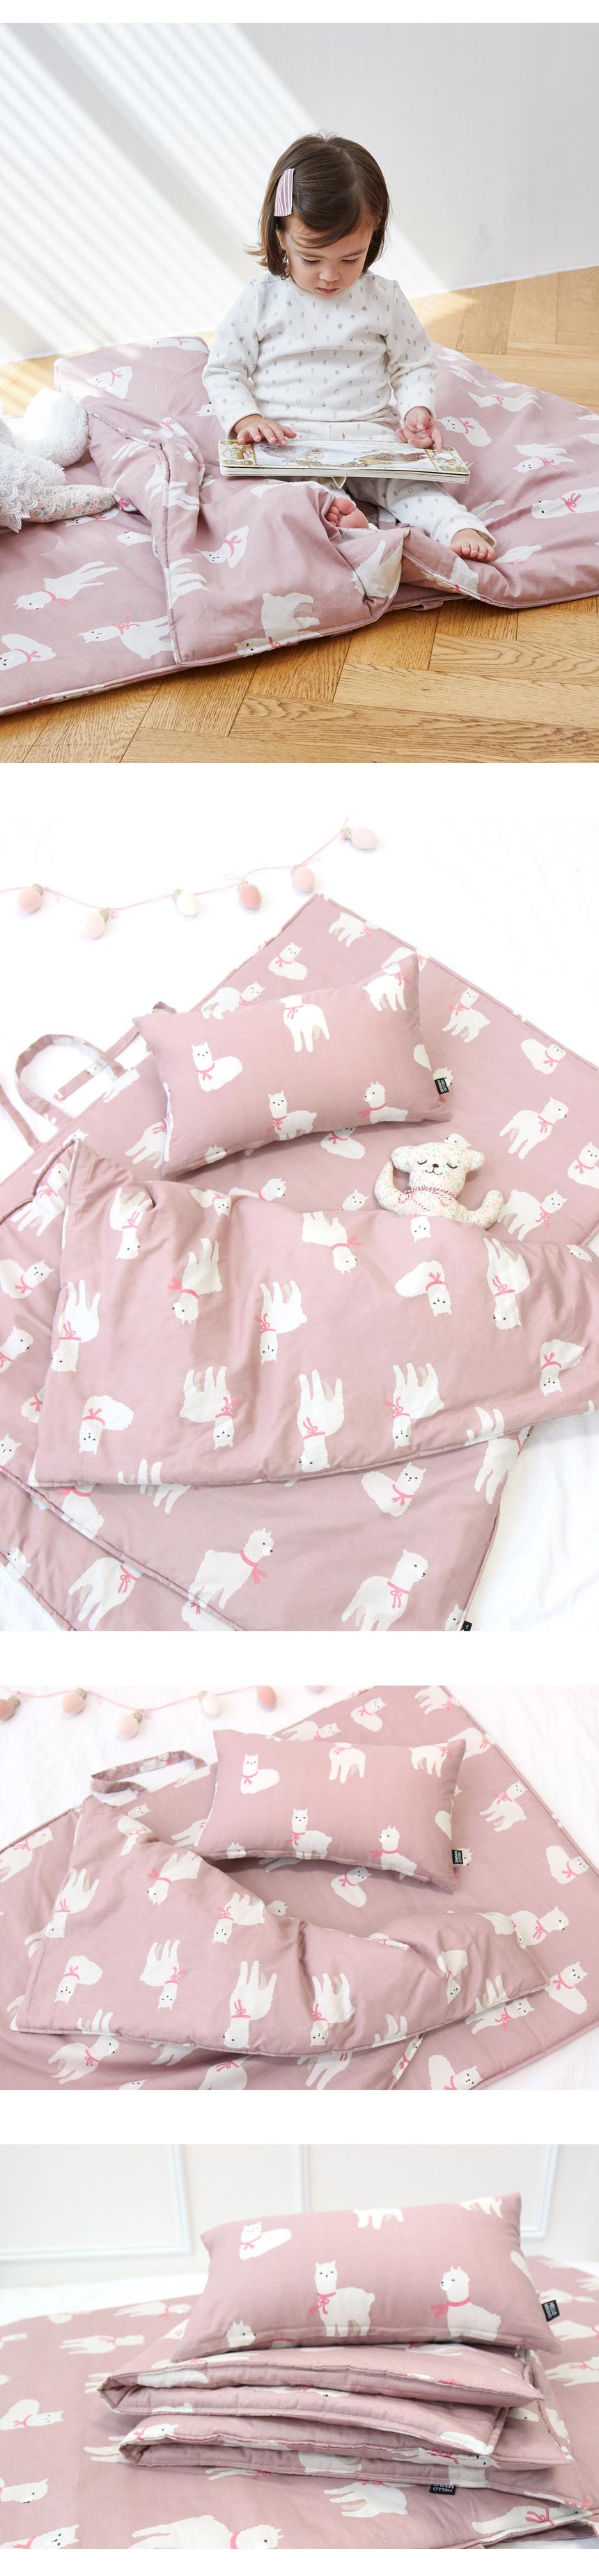 라마 어린이집 낮잠이불 세트 - 헬로미니미, 53,900원, 패브릭/침구, 낮잠이불